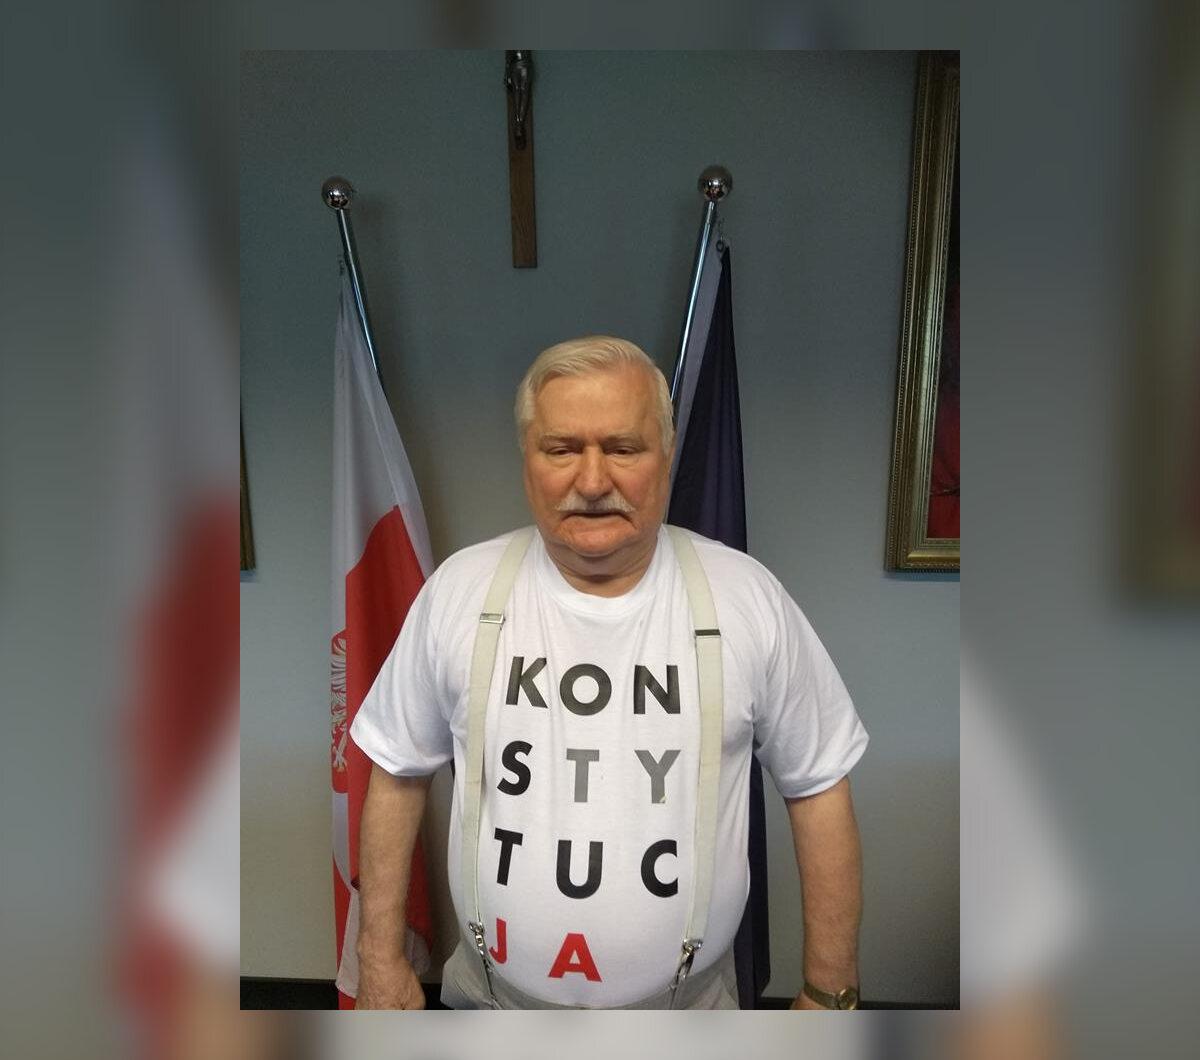 """Lech Wałęsa już wcześniej często pojawiał się w koszulce z napisem """"Konstytucja"""" Tutaj w swoim gabinecie w Europejskim Centrum Solidarności."""